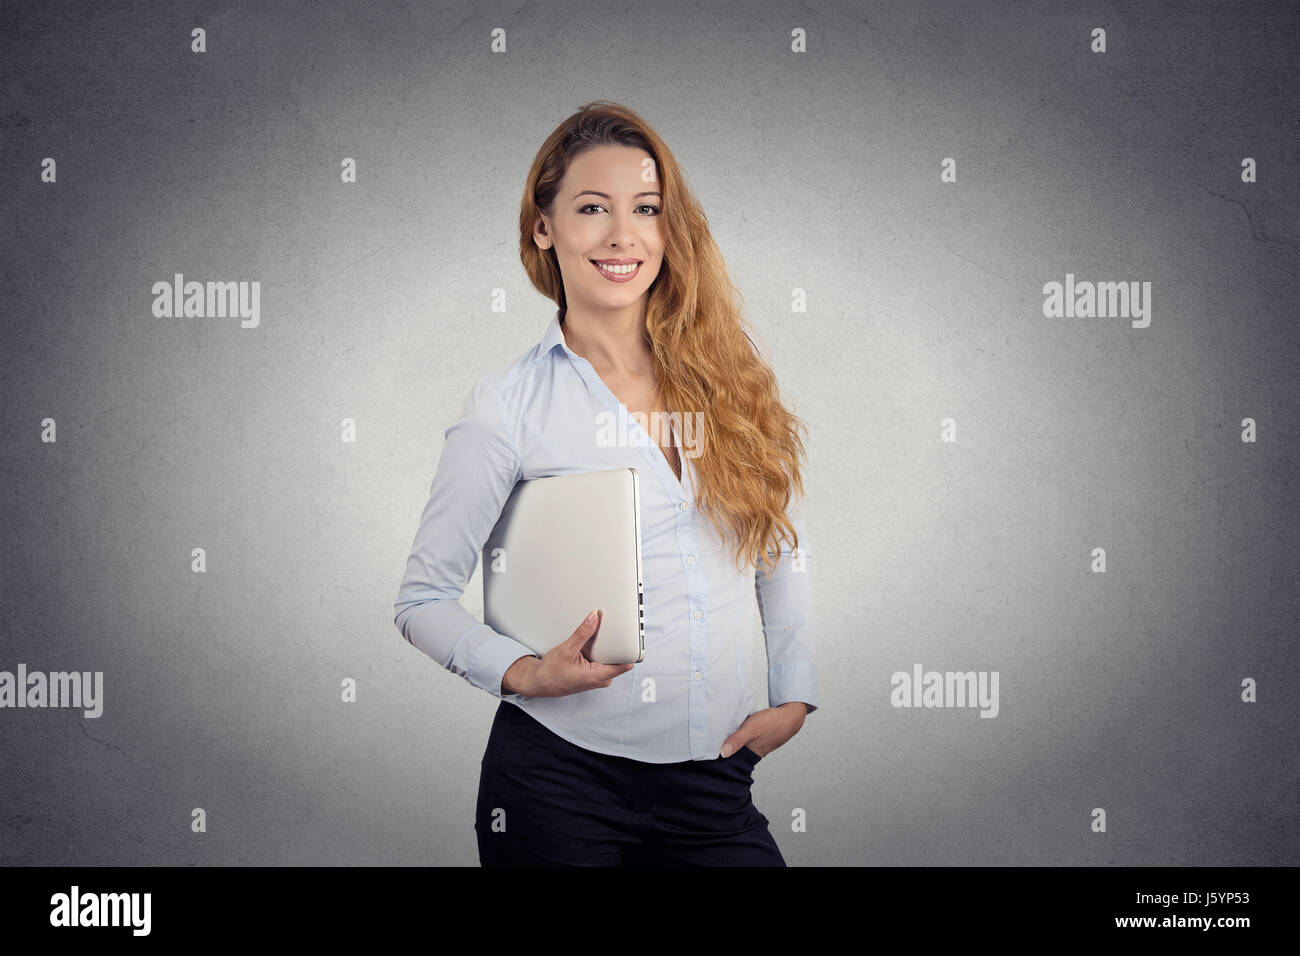 Porträt junge schöne glückliche Frau hält lächelnd auf Büro graue Wand Hintergrund Stockbild